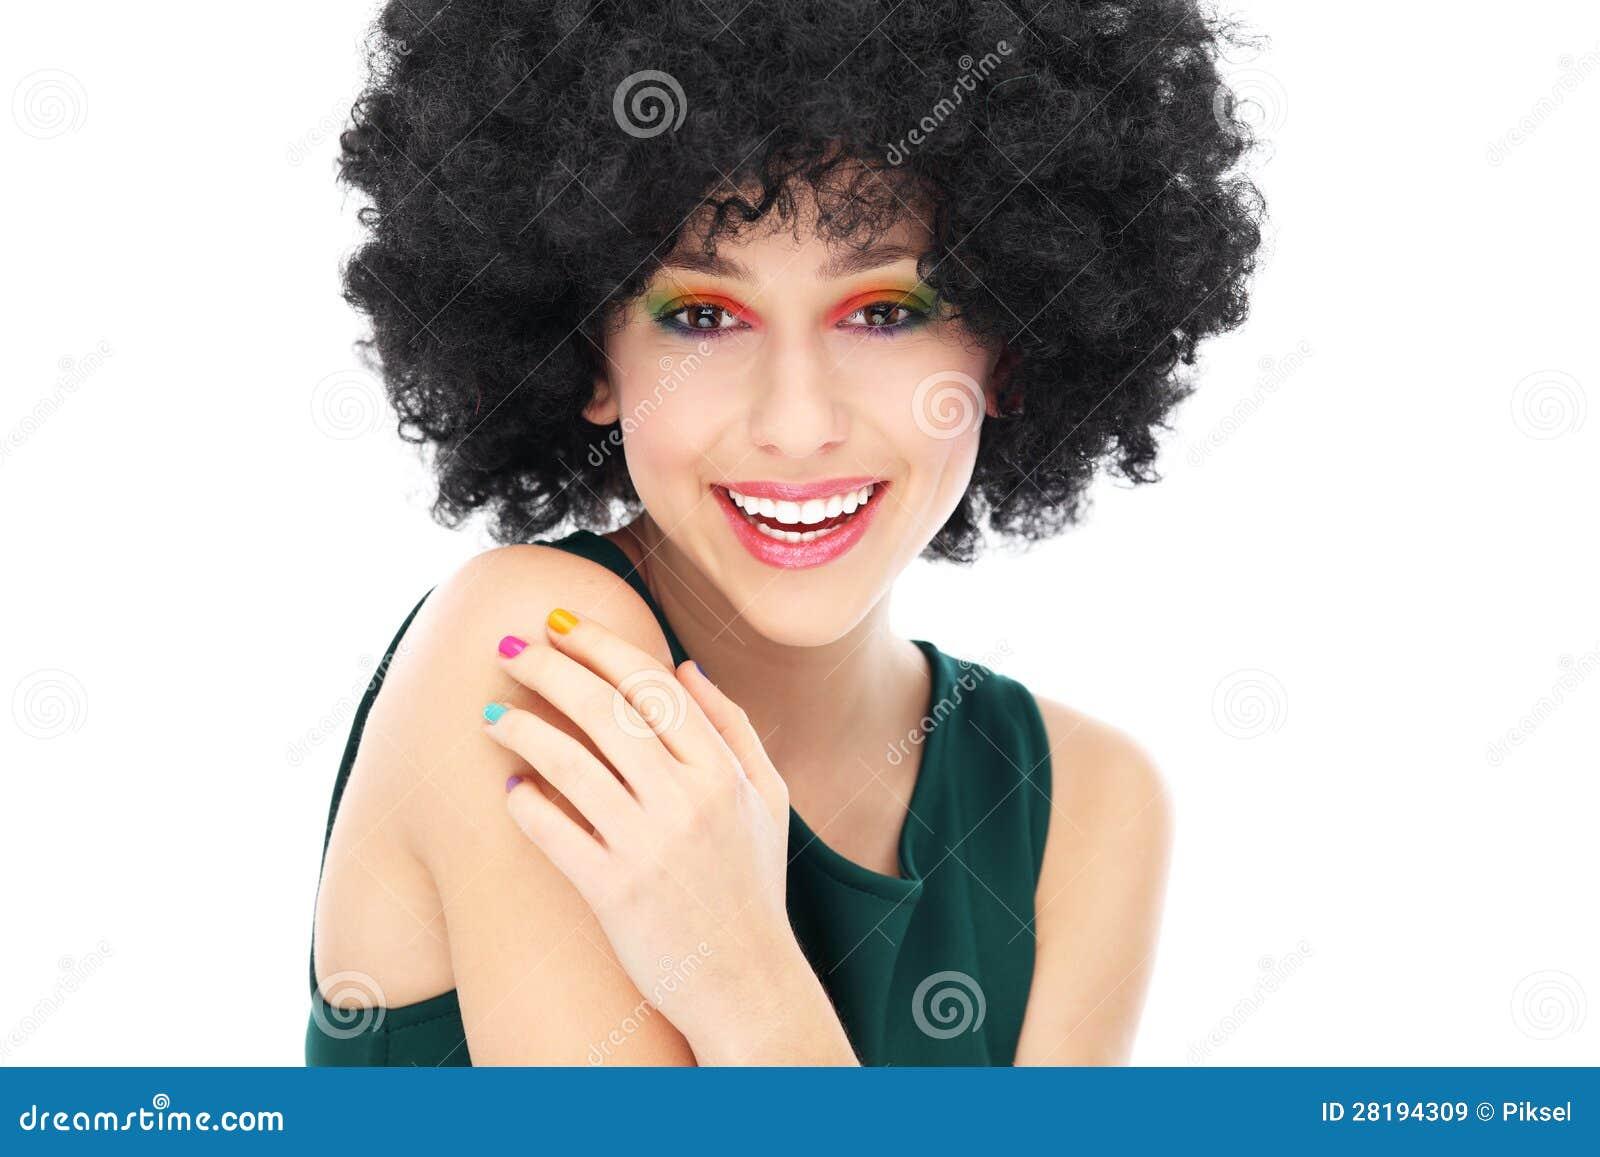 femme avec la coiffure afro noire images libres de droits image 28194309. Black Bedroom Furniture Sets. Home Design Ideas